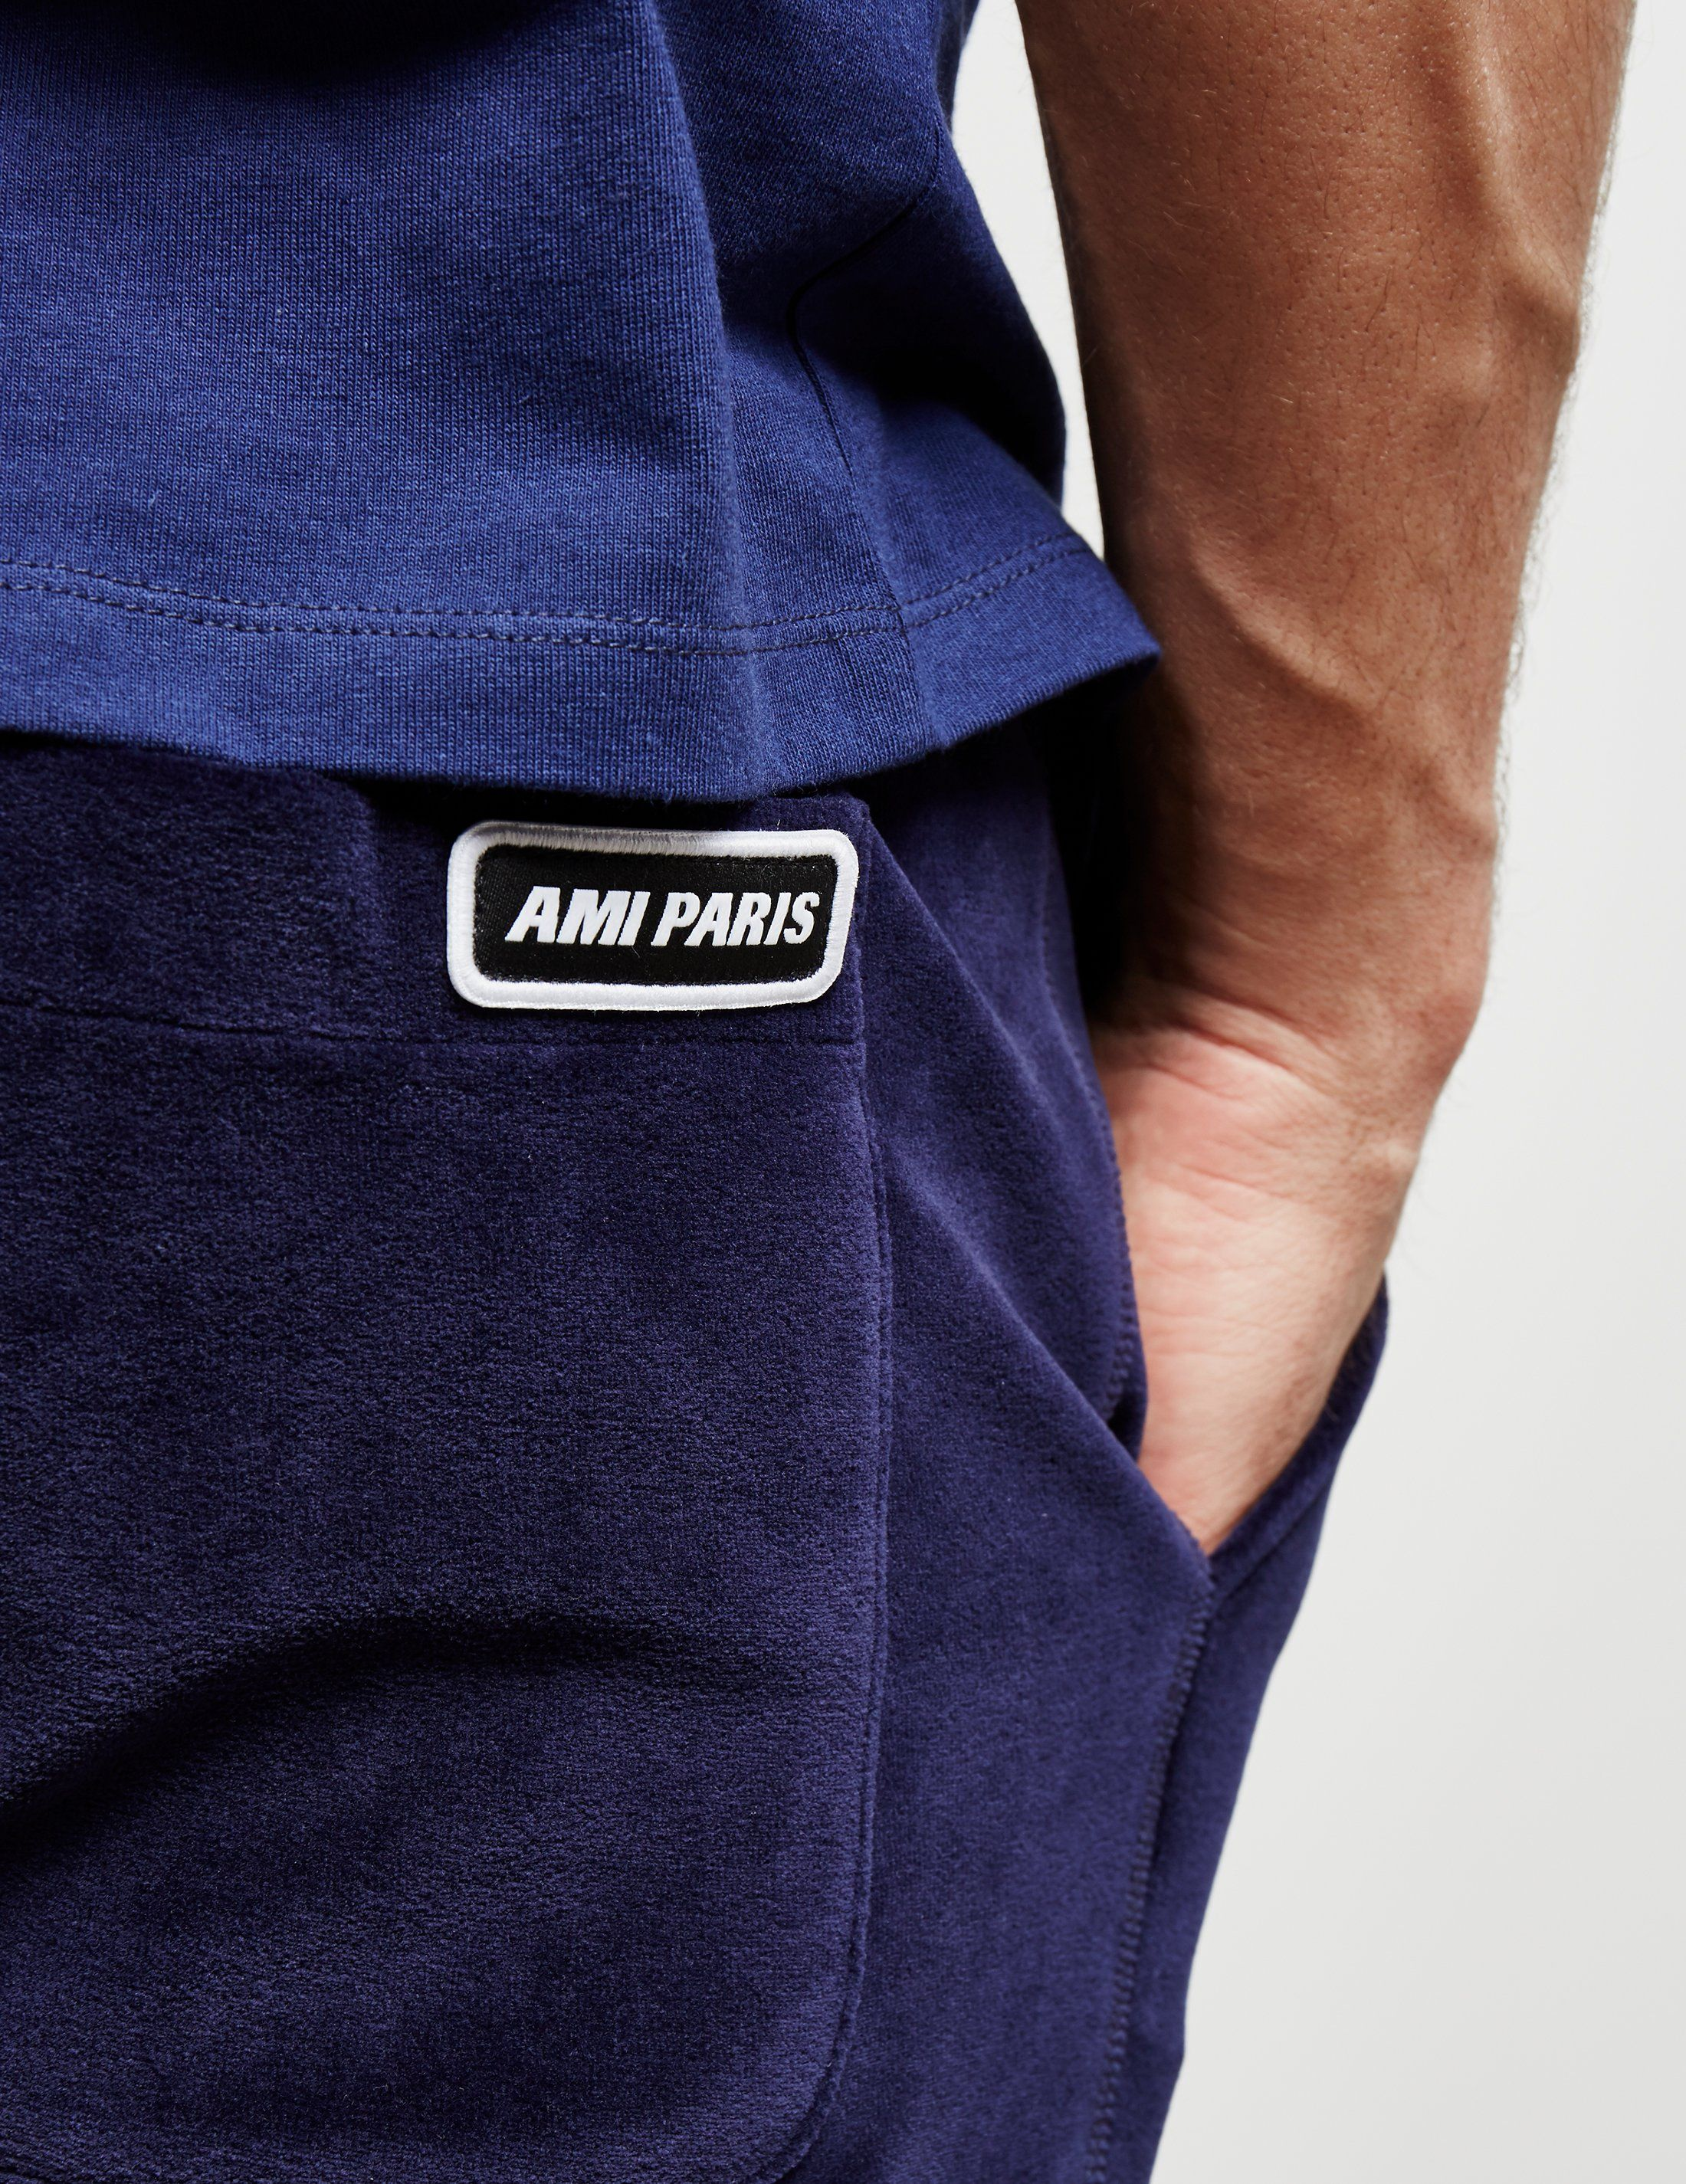 AMI Paris Velvet Track Pants - Online Exclusive